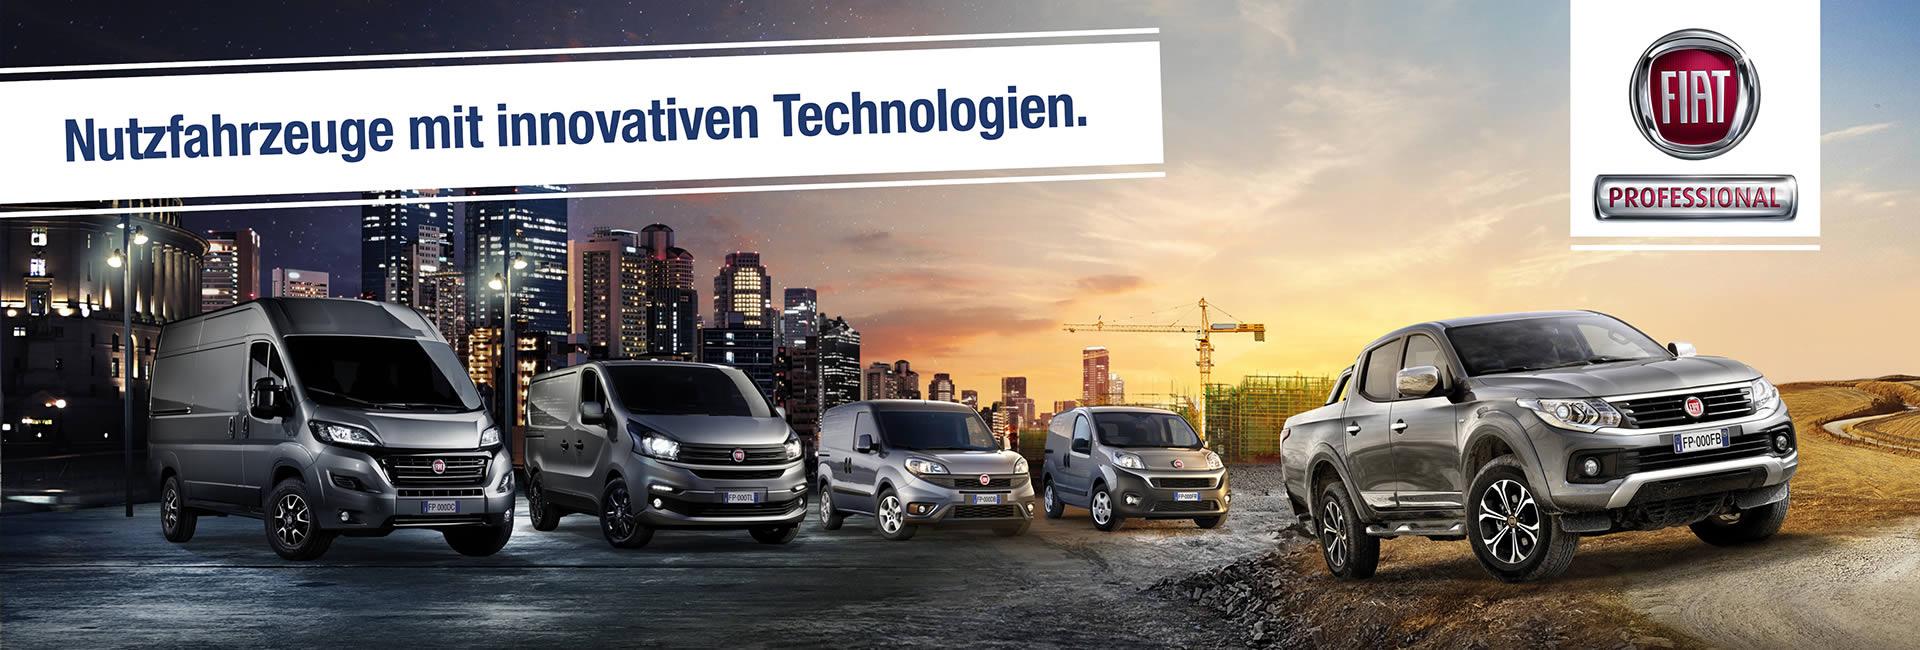 Fiat Professional Autohaus Augsburg